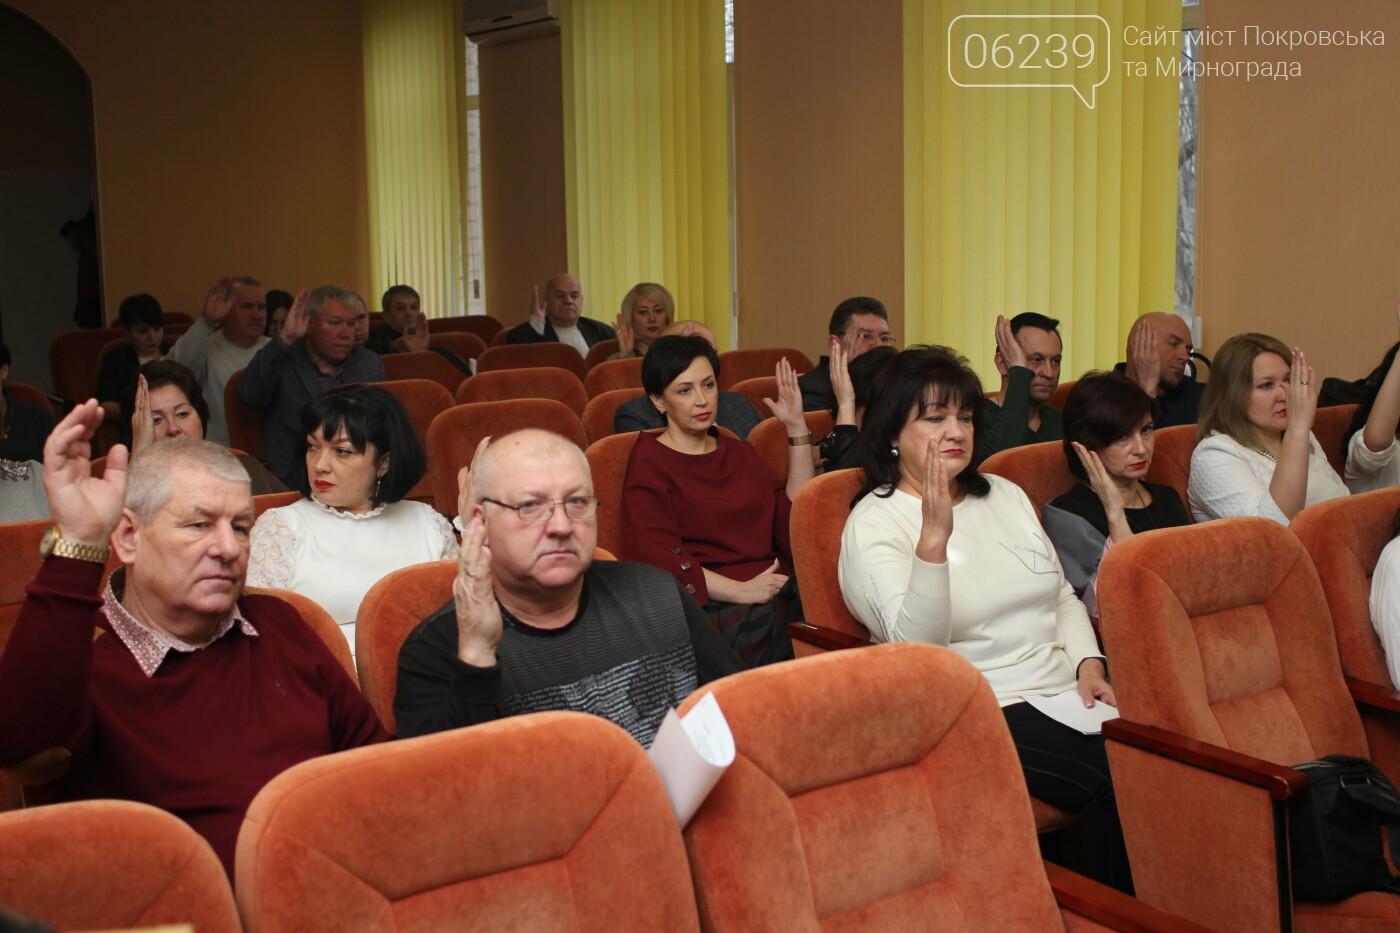 Изменения в бюджете и новый начальник отдела здравоохранения: в Мирнограде состоялась 72-я сессия горсовета, фото-3